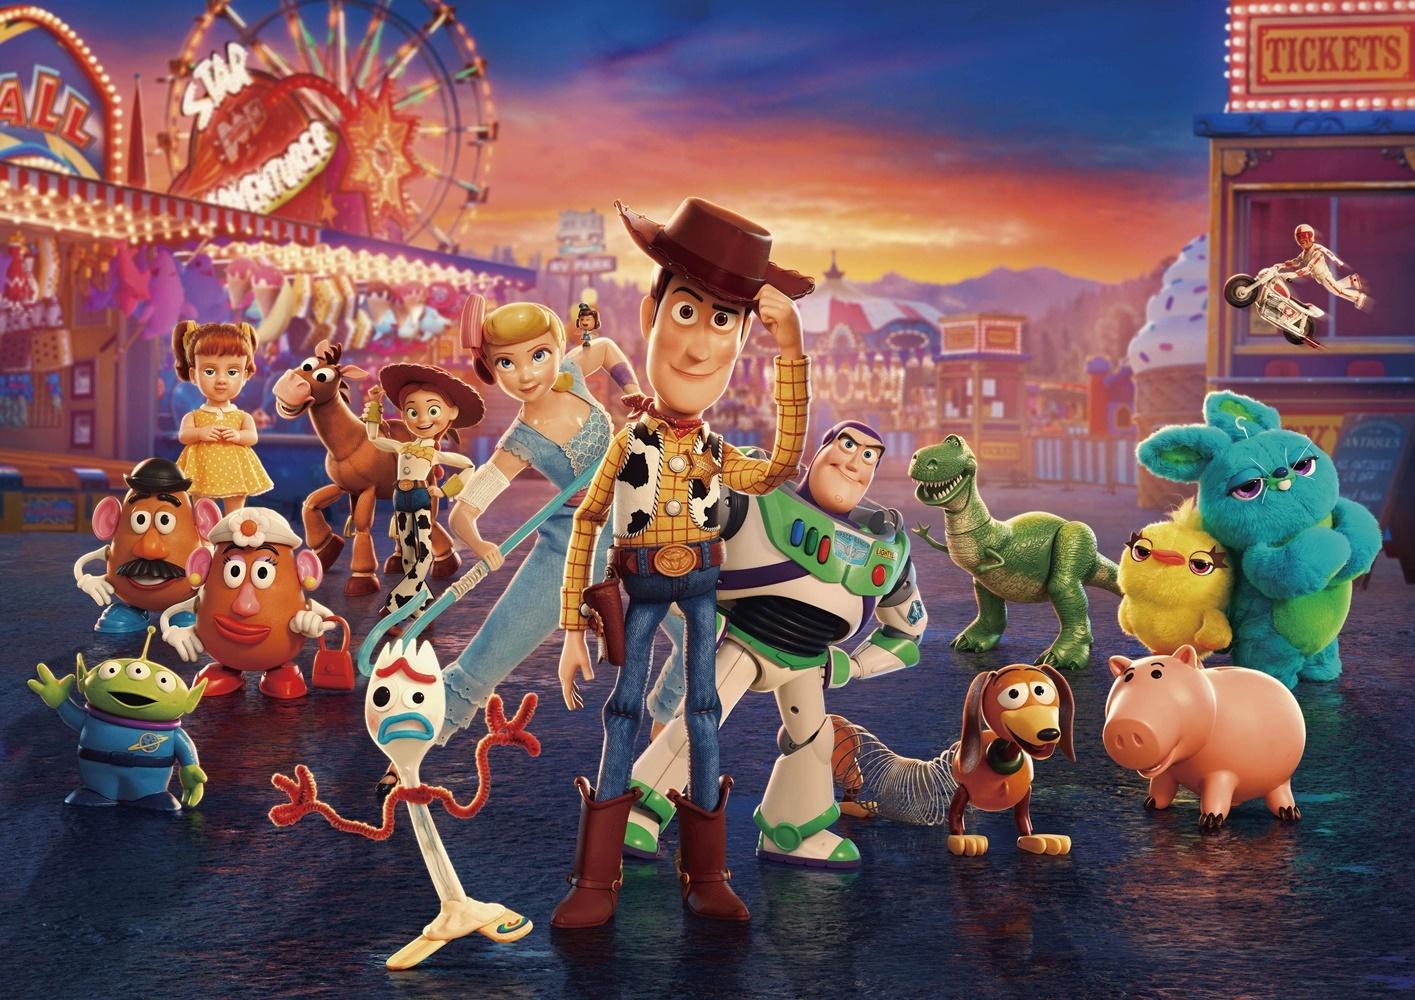 後列左から:ミスター・ポテトヘッド/ギャビー・ギャビー/ミセス・ポテトヘッド/ブルズアイ/ジェシー/レックス/ダッキー&バニー/デューク・カブーン(上飛んでいる)   前列左から:エイリアン/フォーキー/ボー・ピープ/ギグル(ボーの肩の上)/ウッディ/バズ・ライトイヤー/スリンキー/ハム (C)2019 Disney/Pixar. All Rights Reserved.